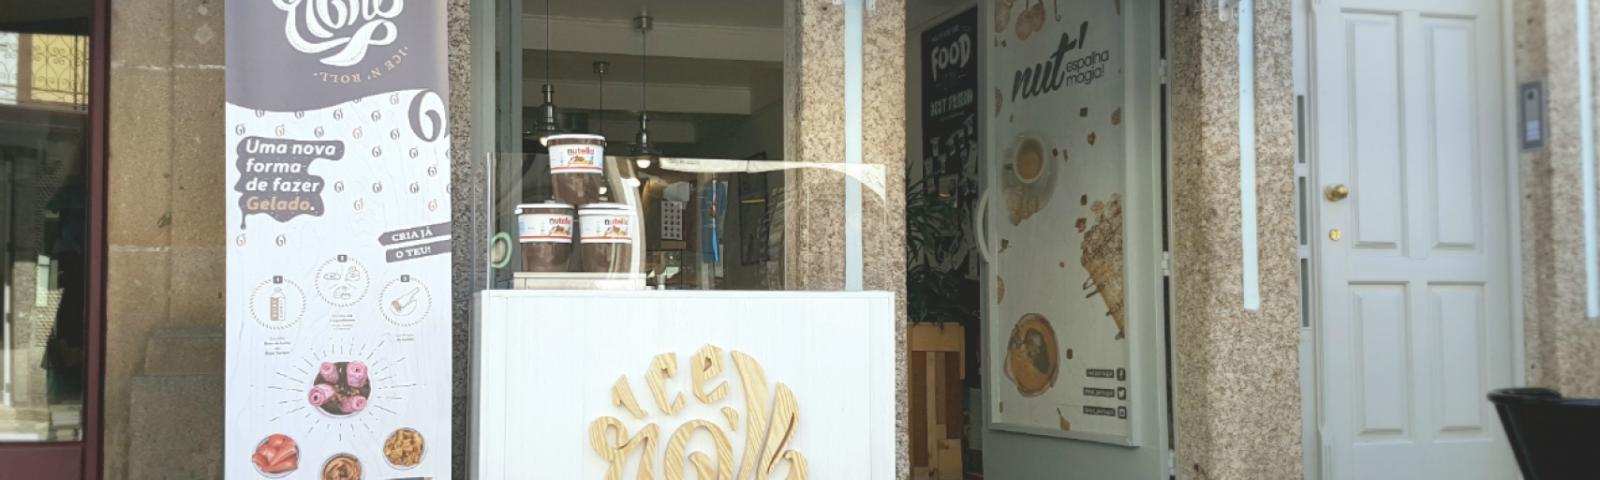 Lojas Nut' de Aveiro e Braga são as próximas paragens do conceito Ice N' Roll